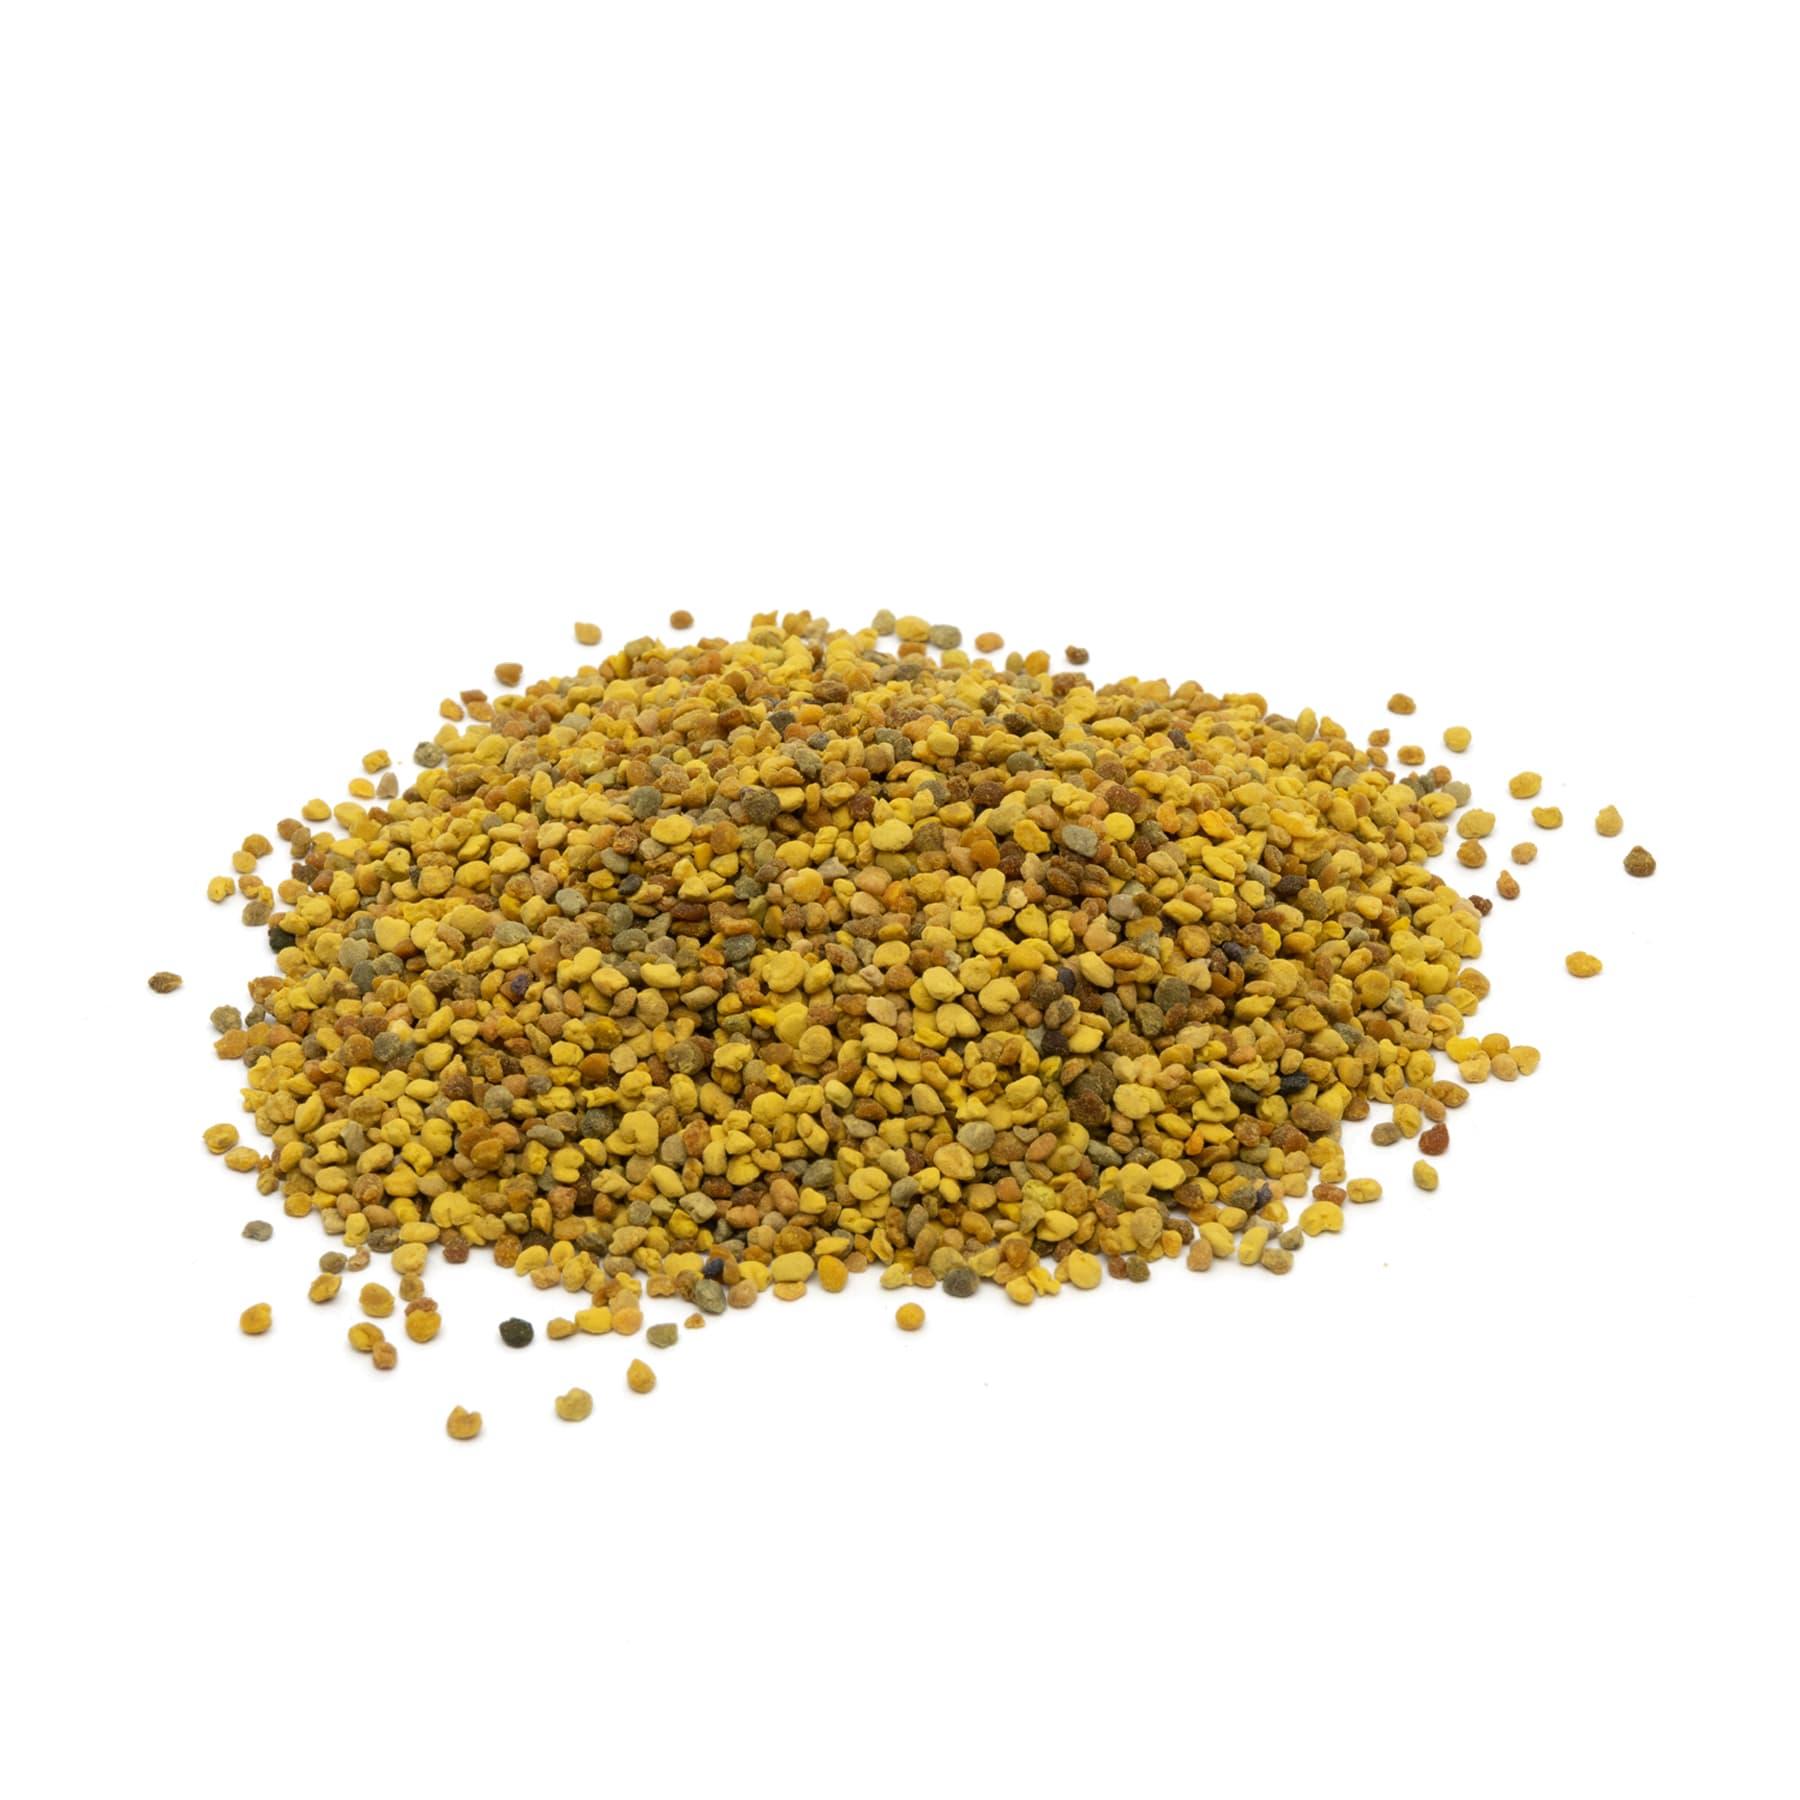 Blütenpollen, beste Ware aus dem Baltikum , Farbe gelb grünlich, Preis je kg